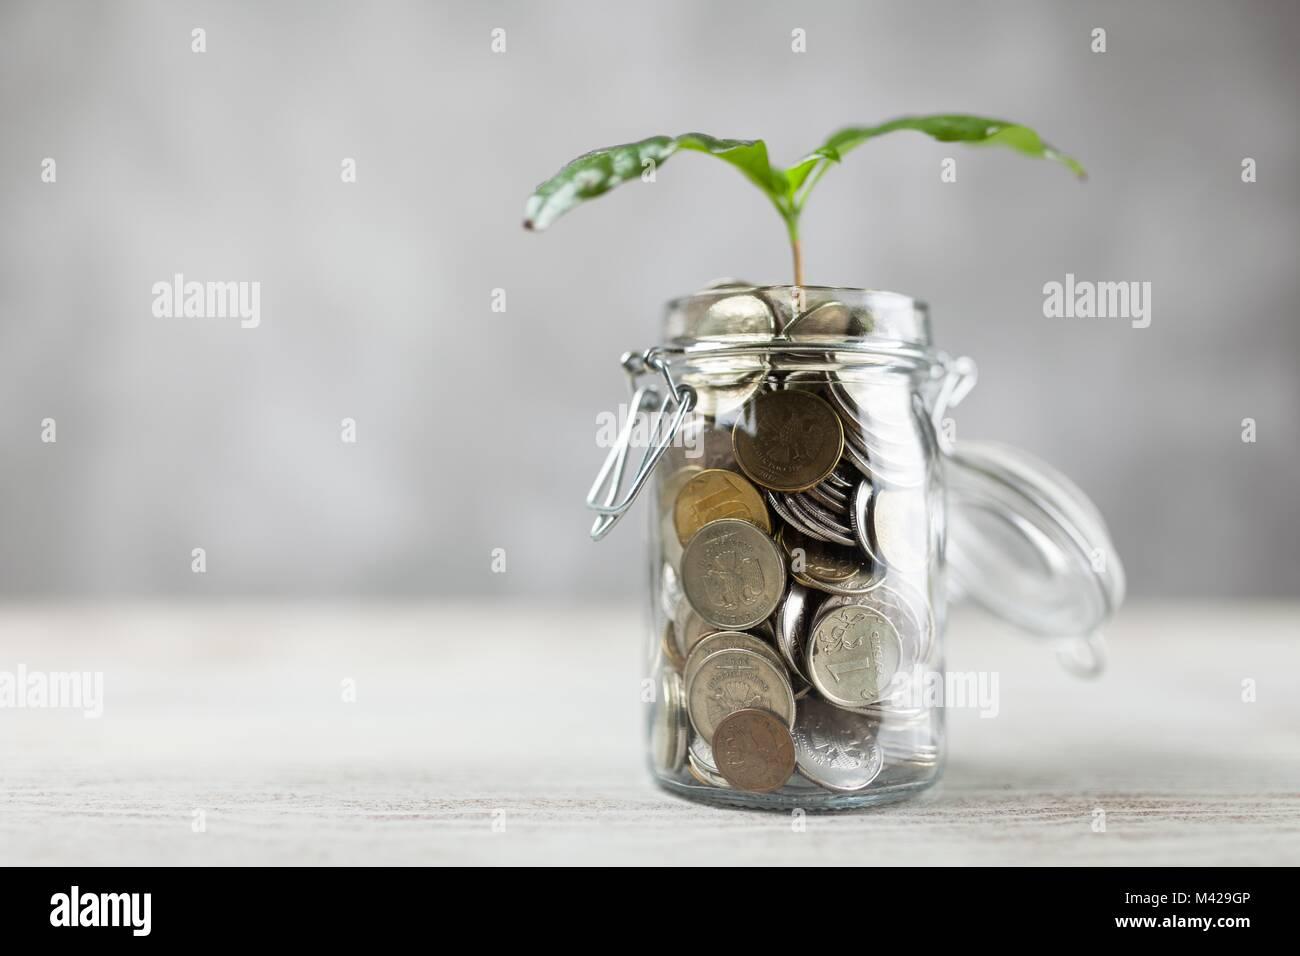 Münzen in einem Glas Stockbild